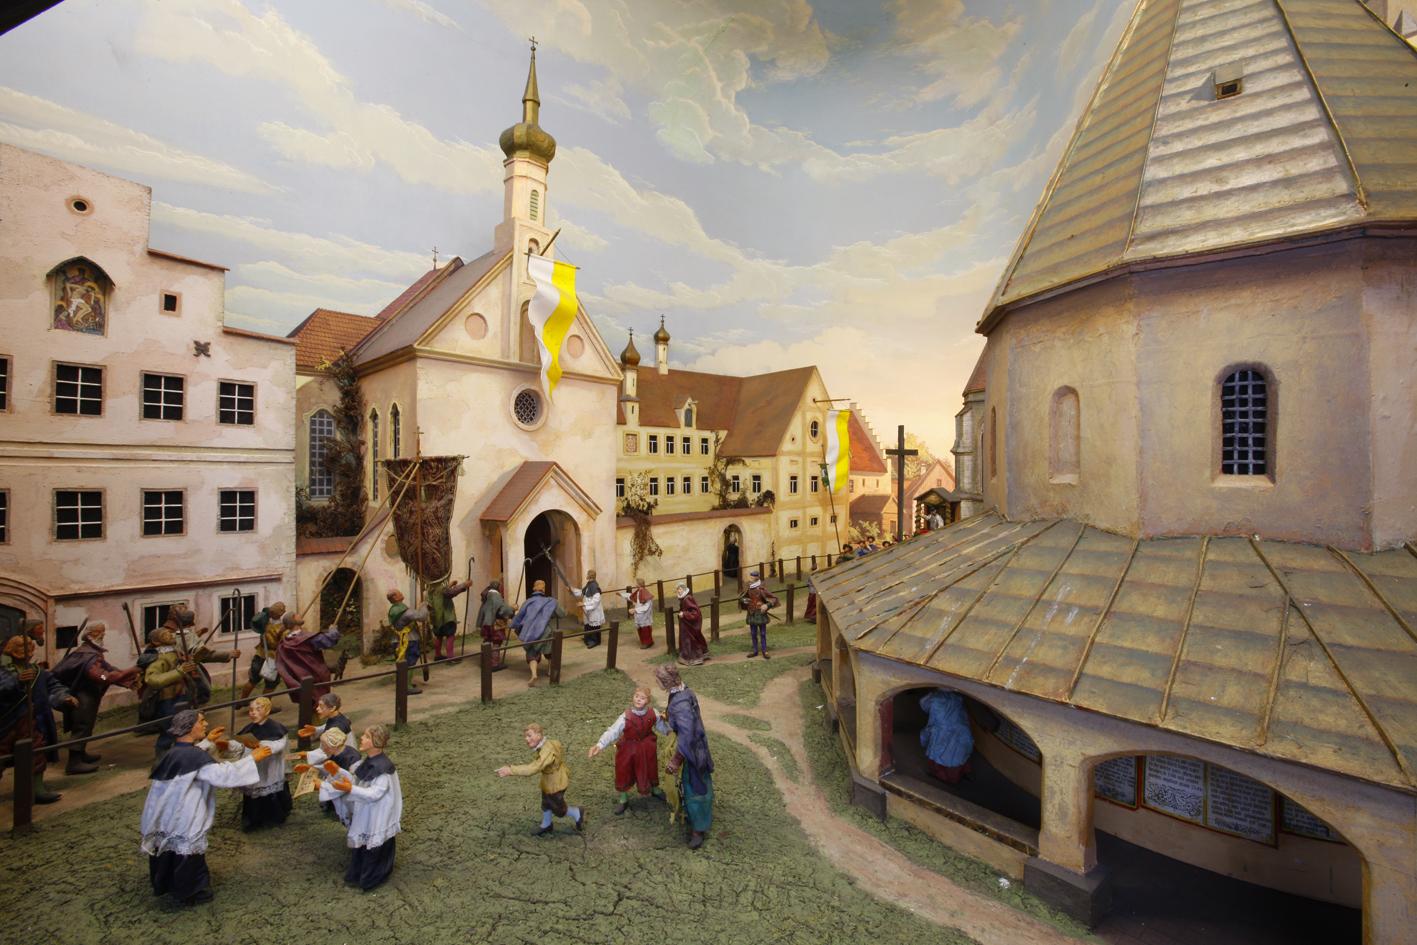 2019-altoettinger-dioramenschau-jesuiten-prozession-stmagdalena